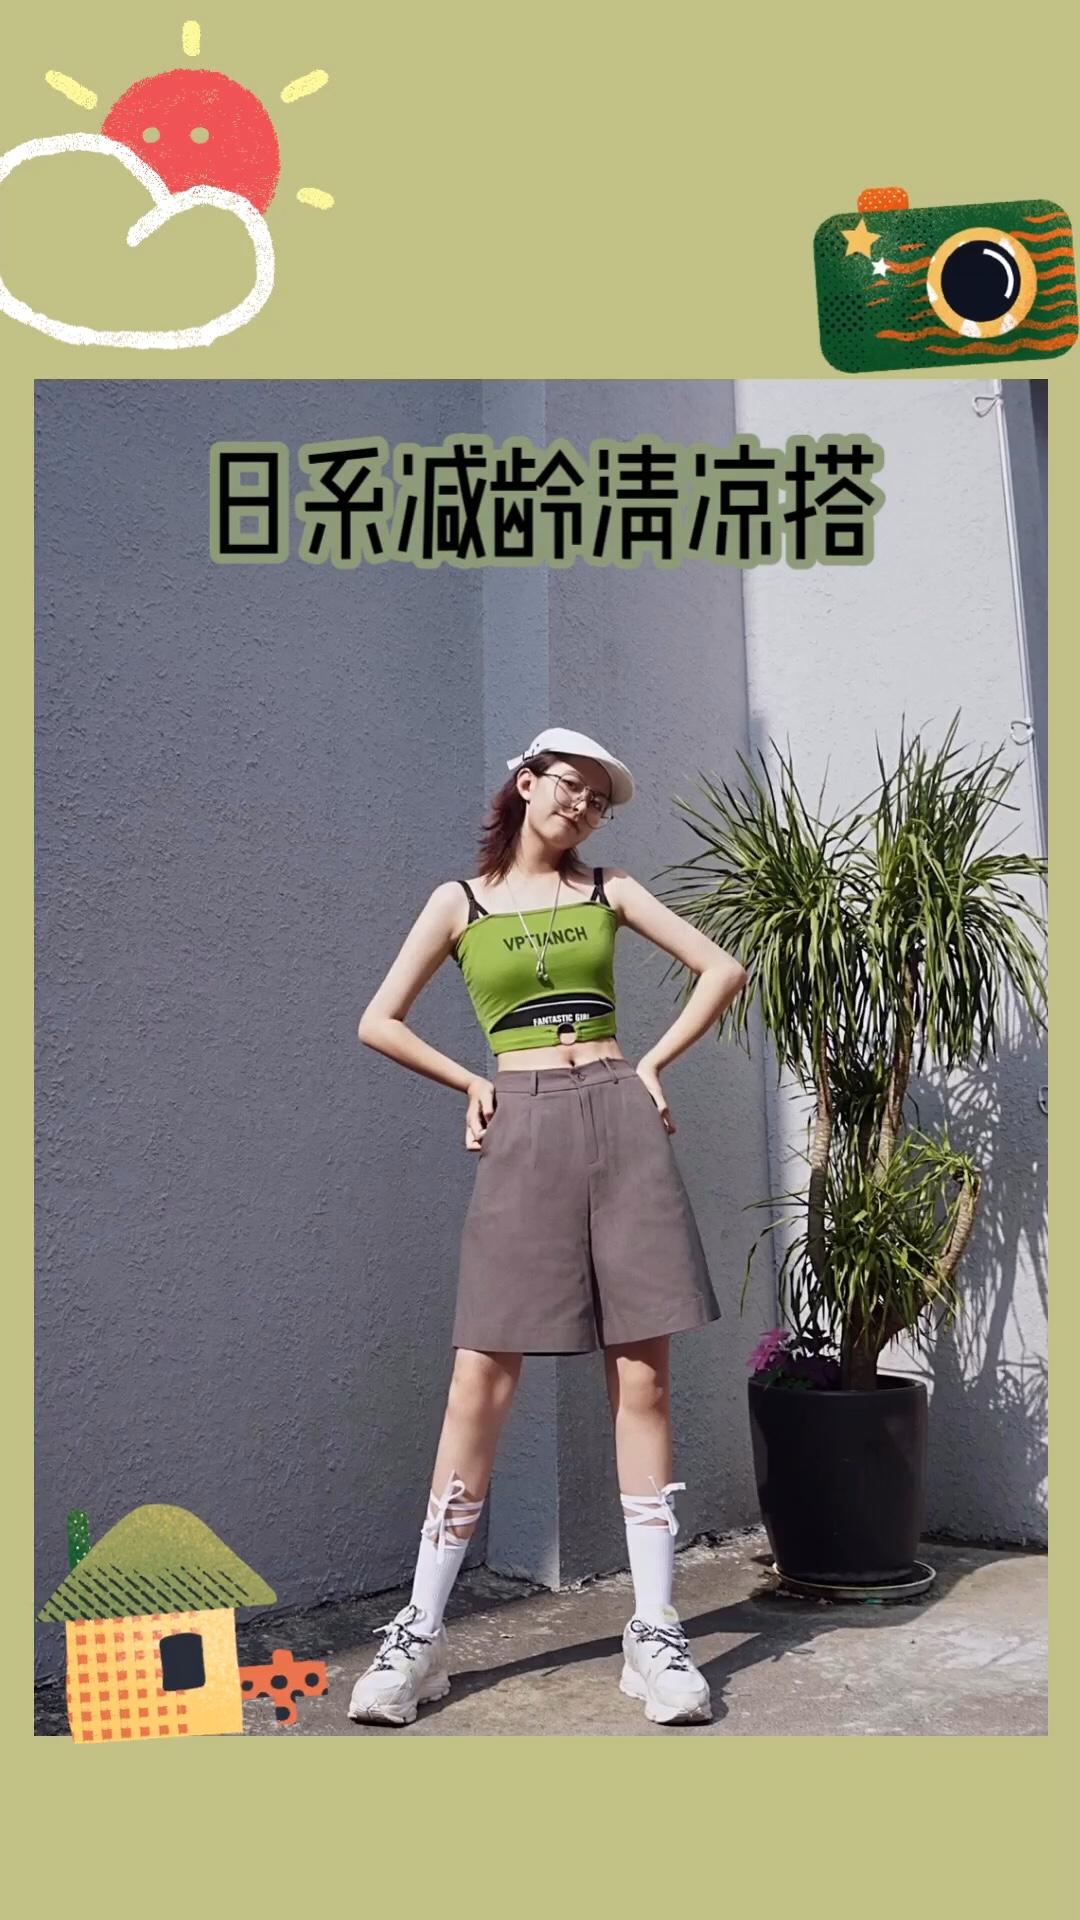 夏天就得有吊带哇 今天这还算有点小姐姐的意思   帽子:前进帽 遮阳好看的百搭选手 复古摩登的味道一下就出来了   衣服:私物 抹茶绿的小吊带 腰环的小设计算亮点了 刚好多出来的一圈遮住我的肋骨外翻   裤子:mvprfw 常规灰色中裤 单看有点儿英伦的意思 但是搭配吊带的话就是条普通裤子哈哈哈  袜子:私物 老早想尝试这种绑带的袜子了 我穿起来好像也没有很软 还行吧就  鞋子:李宁 #短款上衣暑期亮瞎小姐妹#